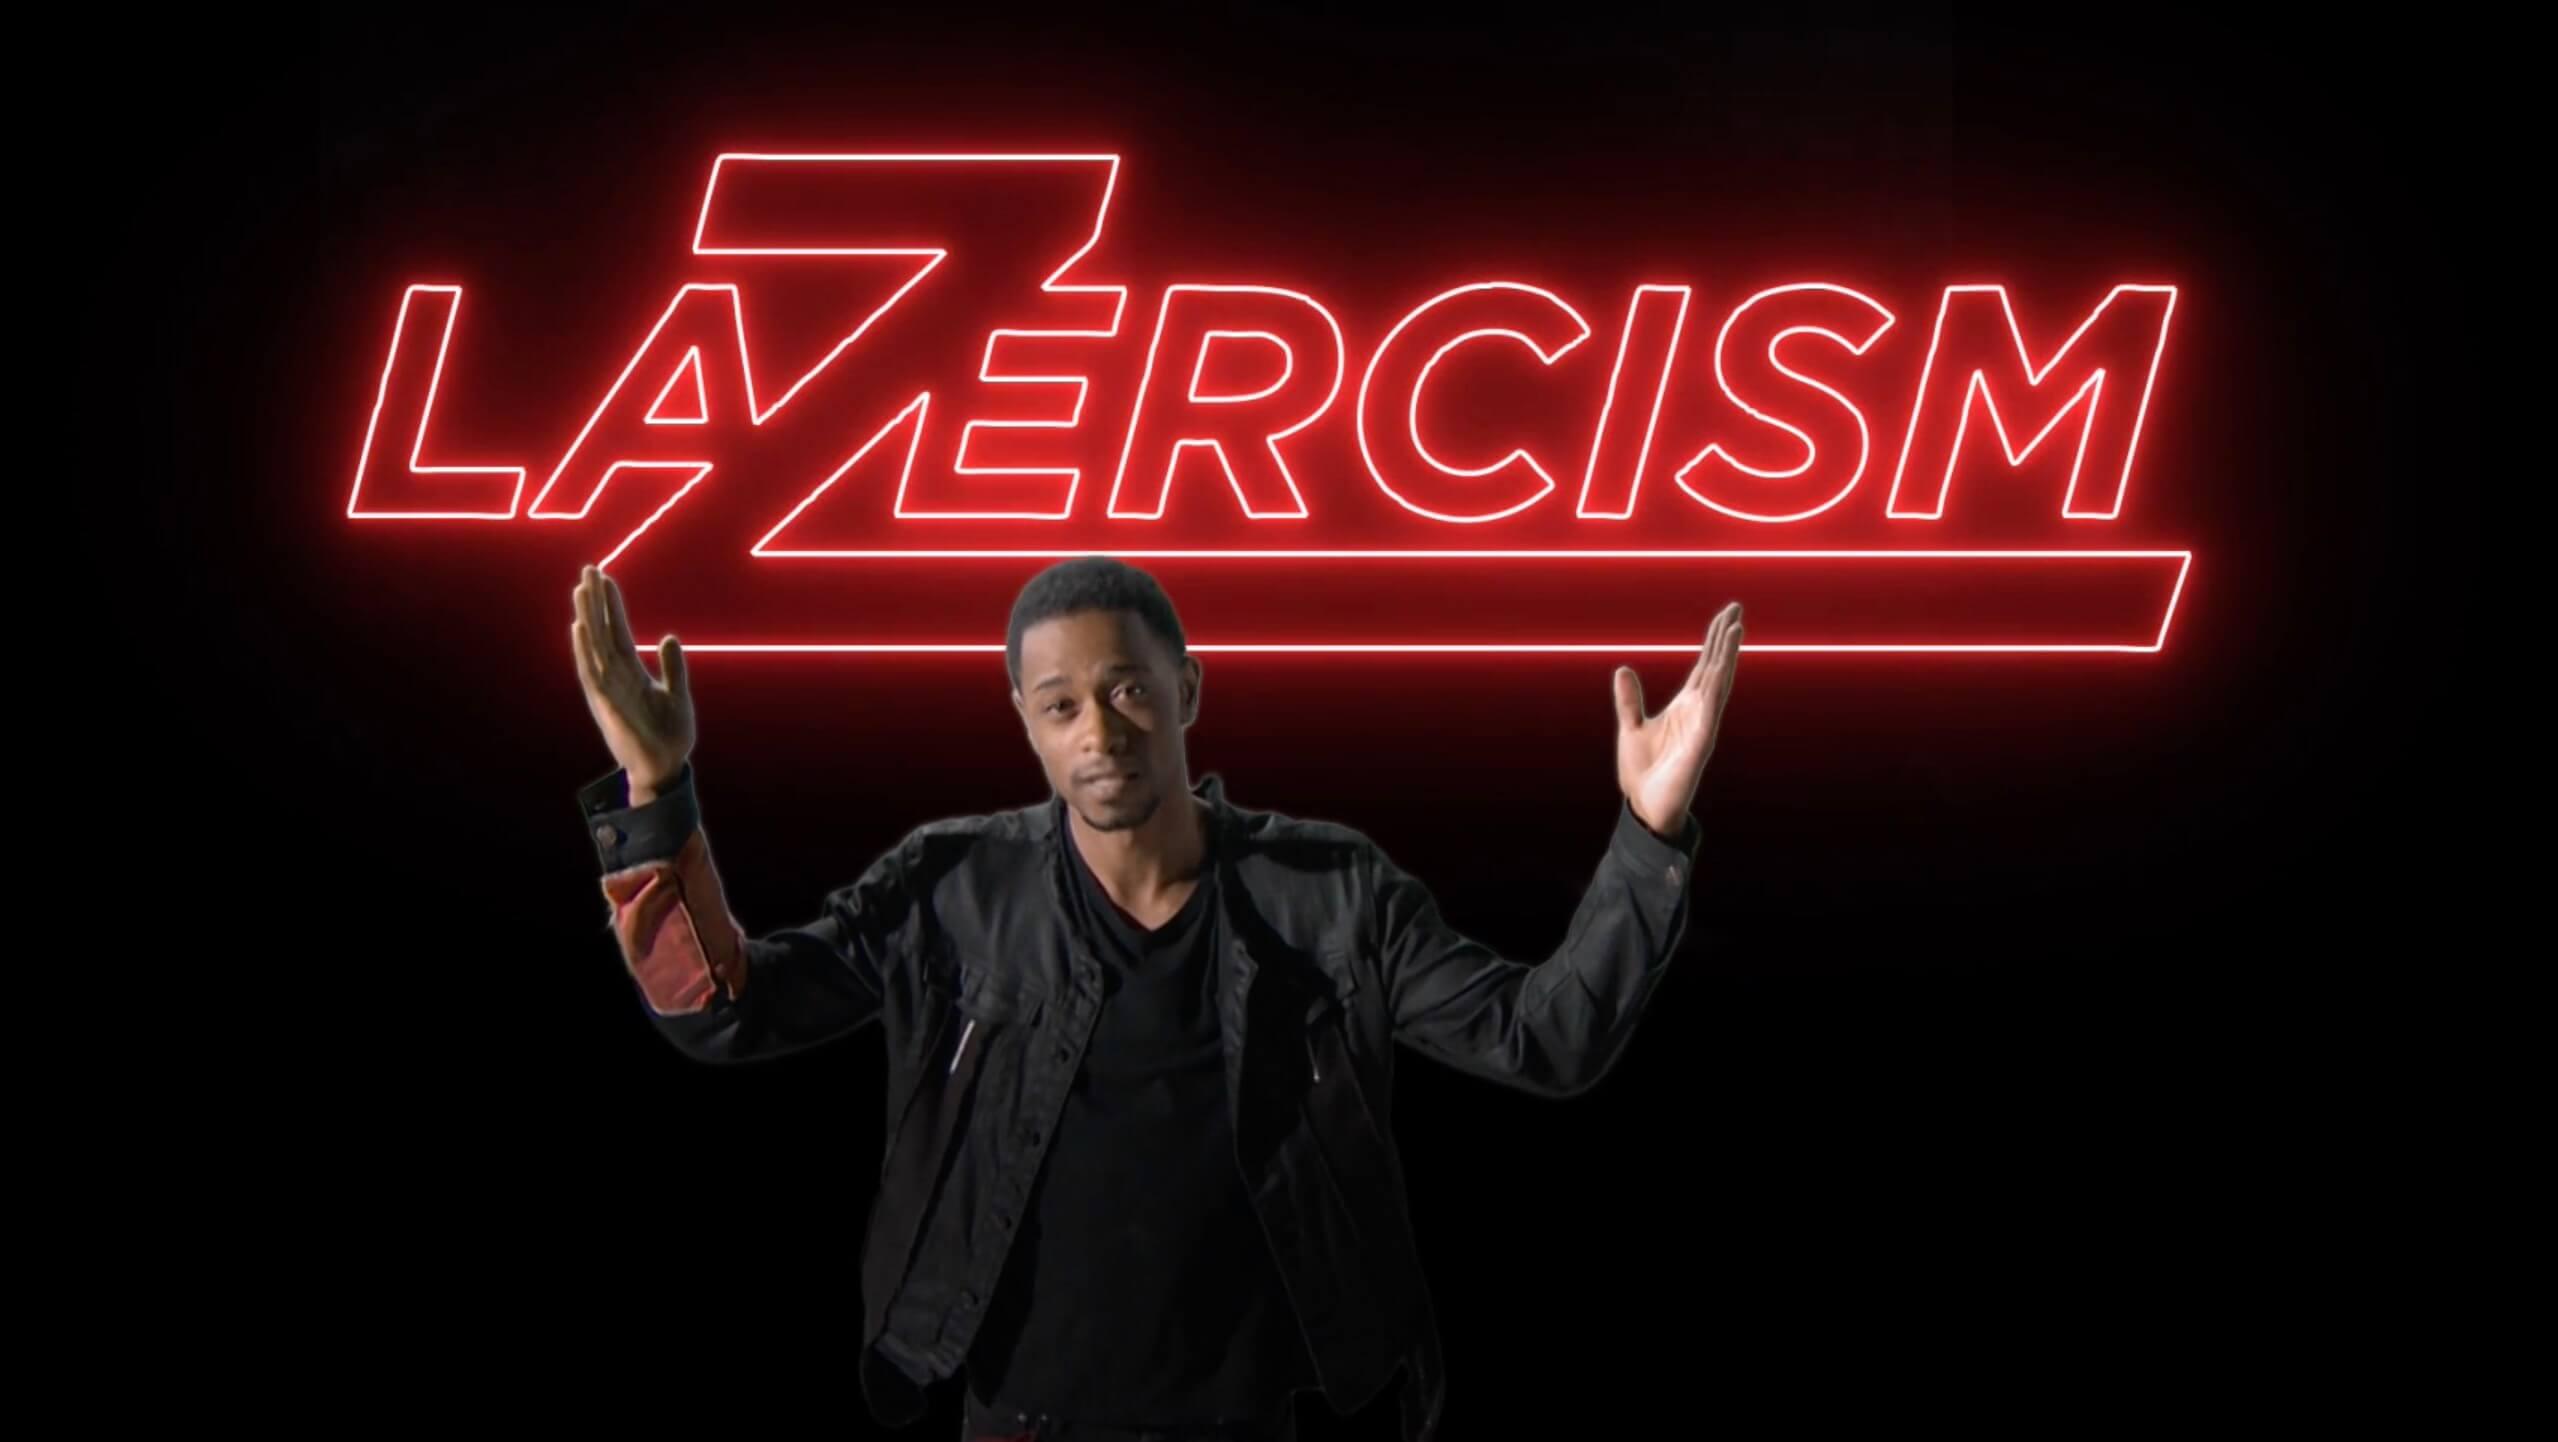 LaZercism | Sundance Festival Shortfilm